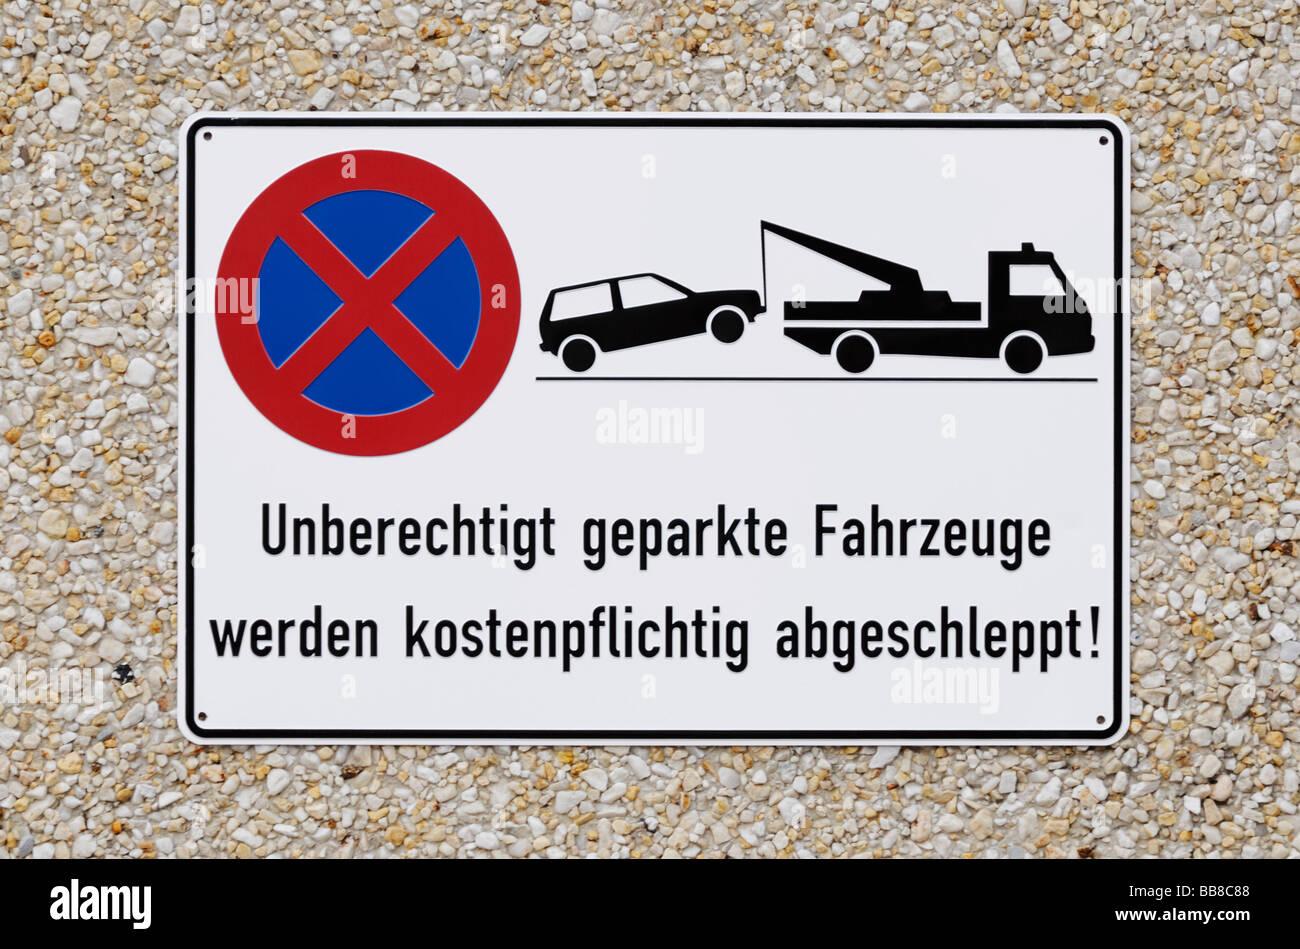 Inscrivez-vous sur du gravier, béton voitures non autorisée sera remorqué de, propriétaire sera Photo Stock